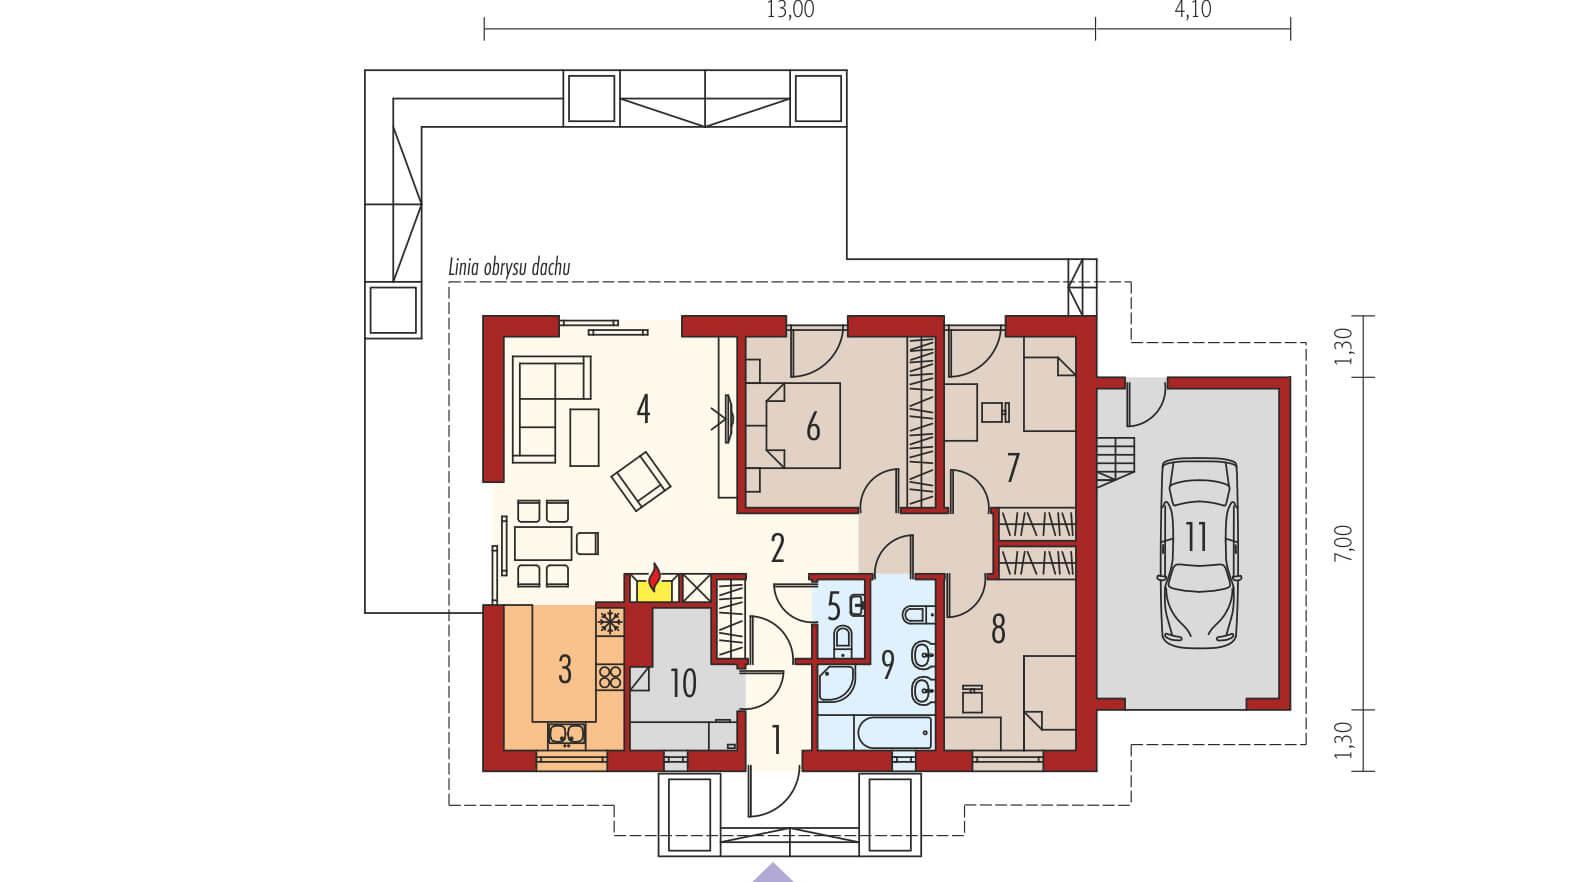 projekt rodinného domu bungalov 183